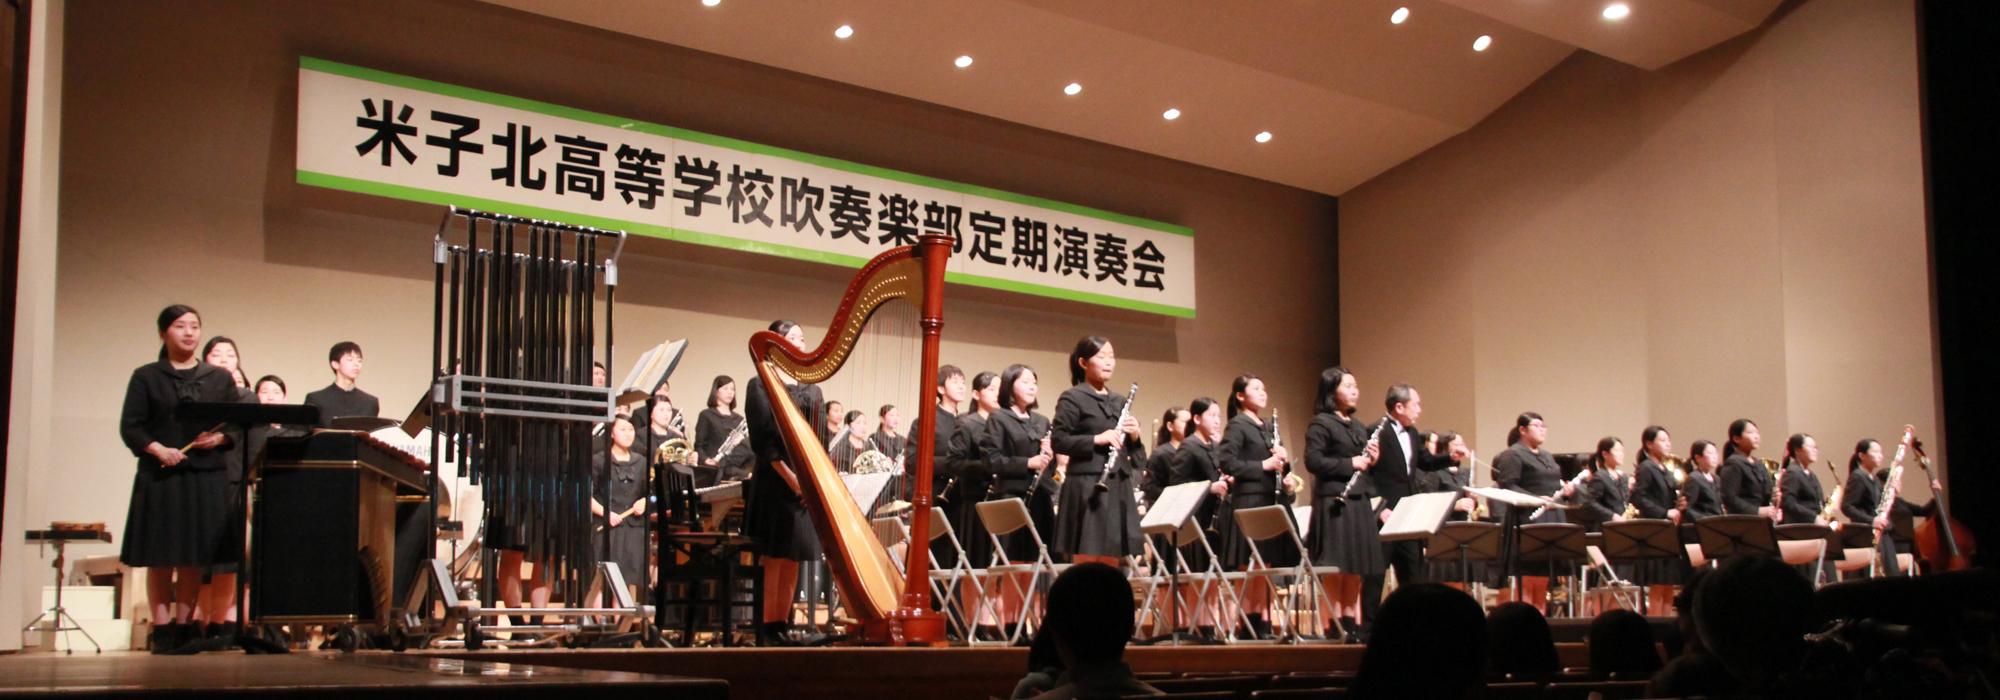 吹奏楽部:第33回定期演奏会開催のお知らせ